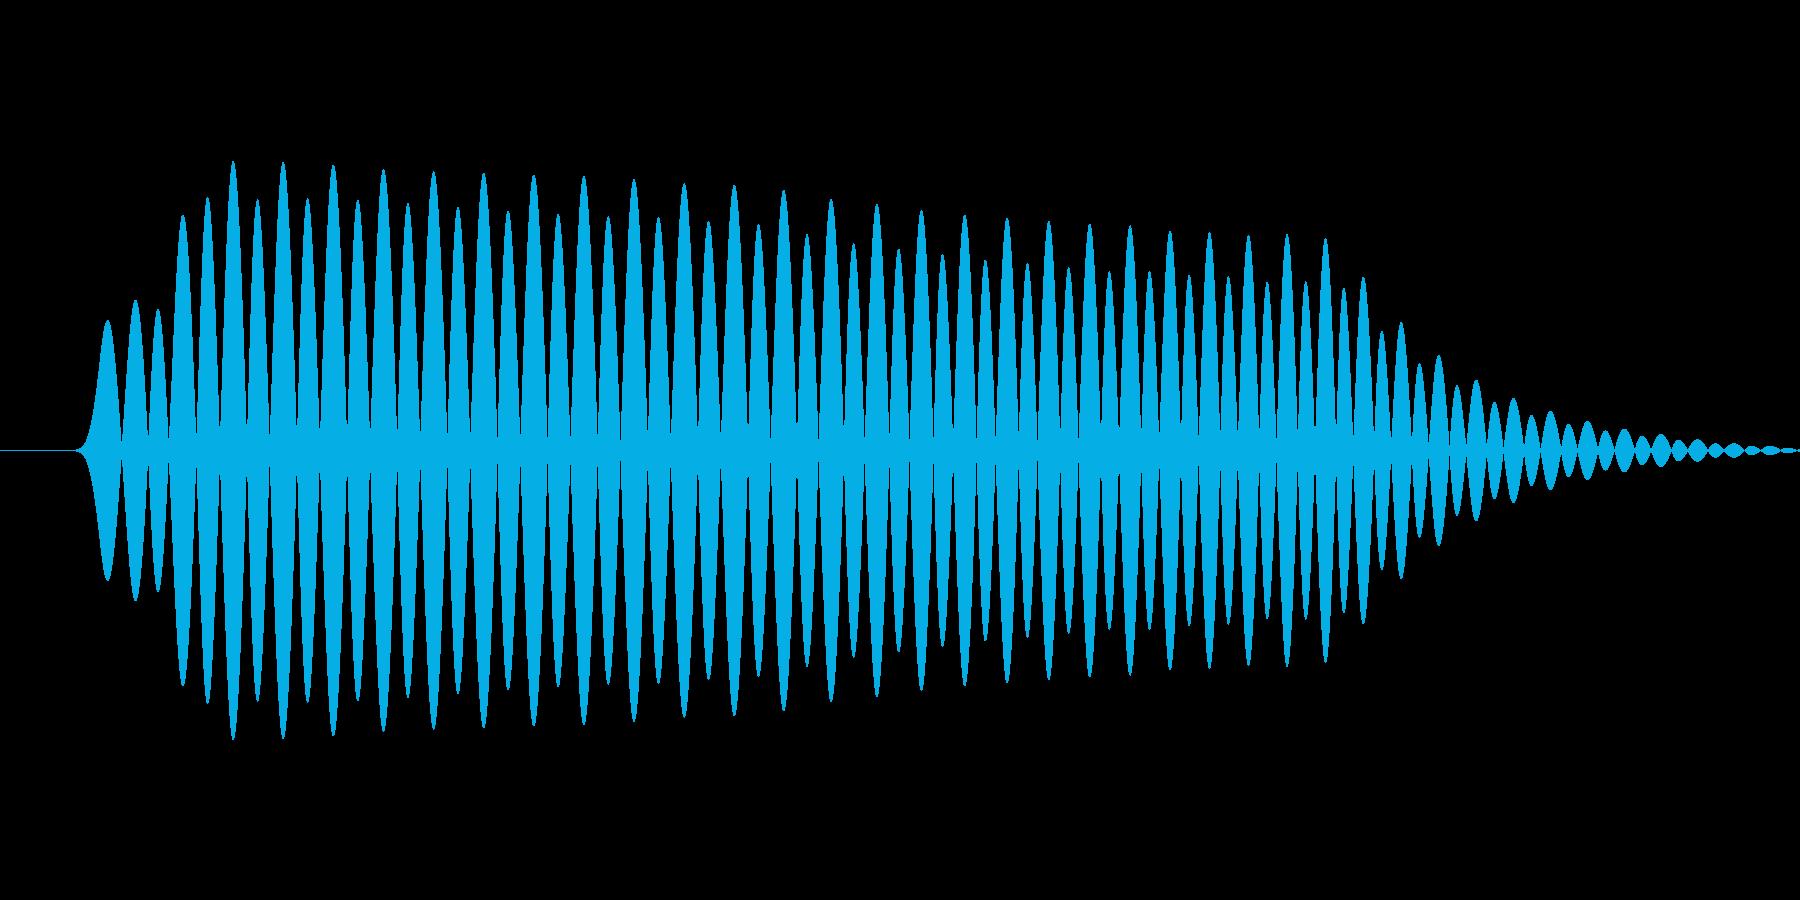 軽めのクリック音の再生済みの波形